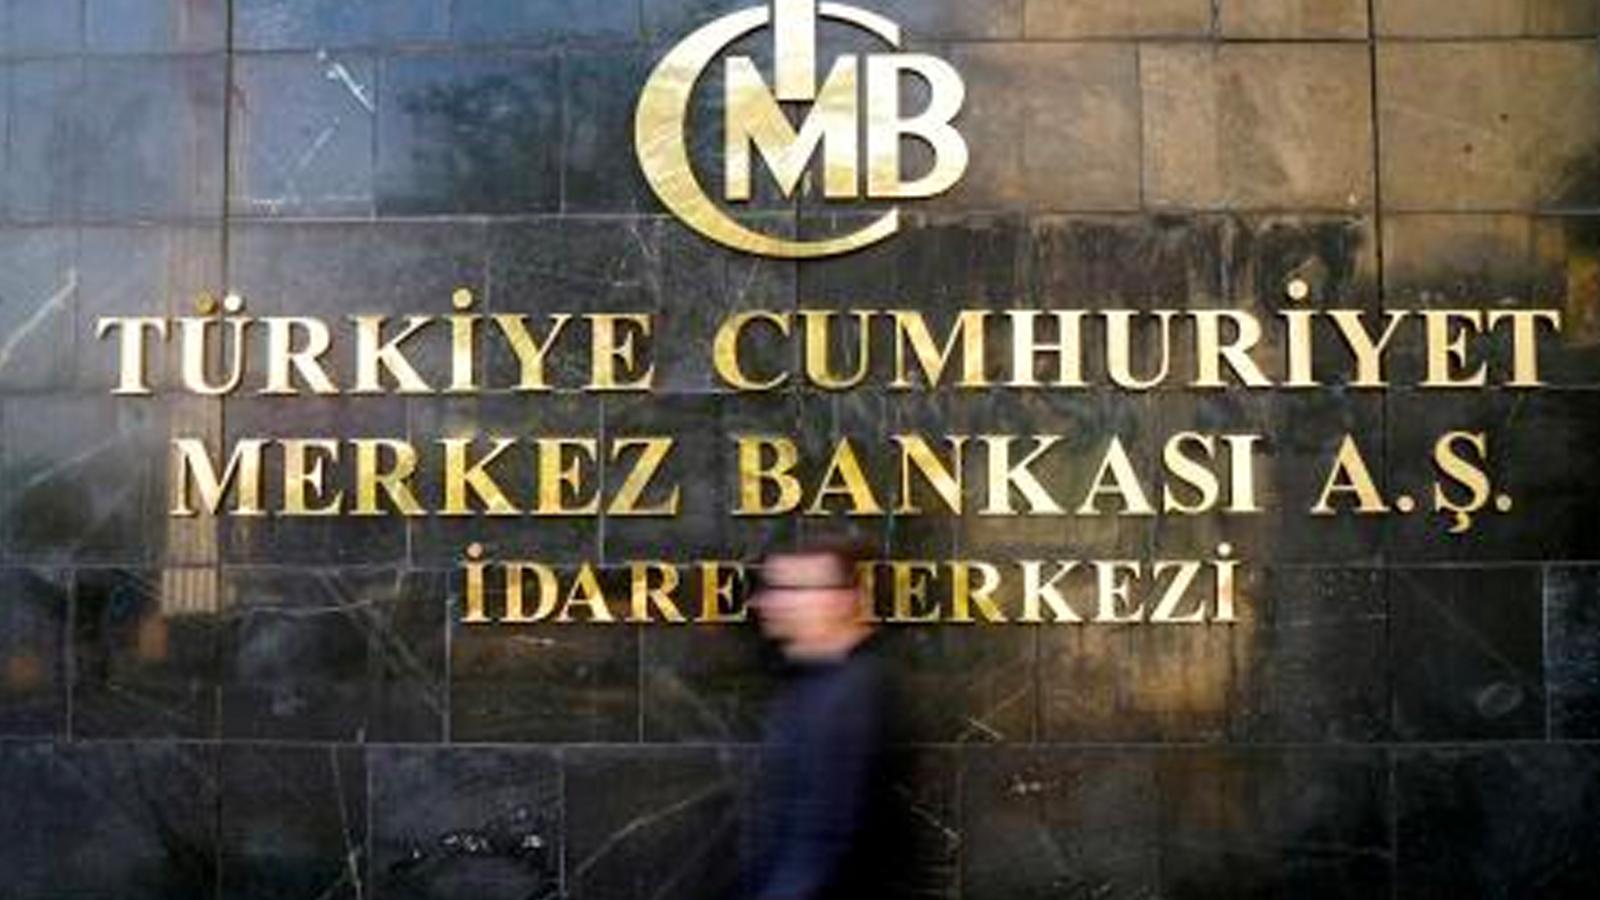 Merkez Bankası Bankalararası Kart Merkezi'nin hâkim ortağı oldu